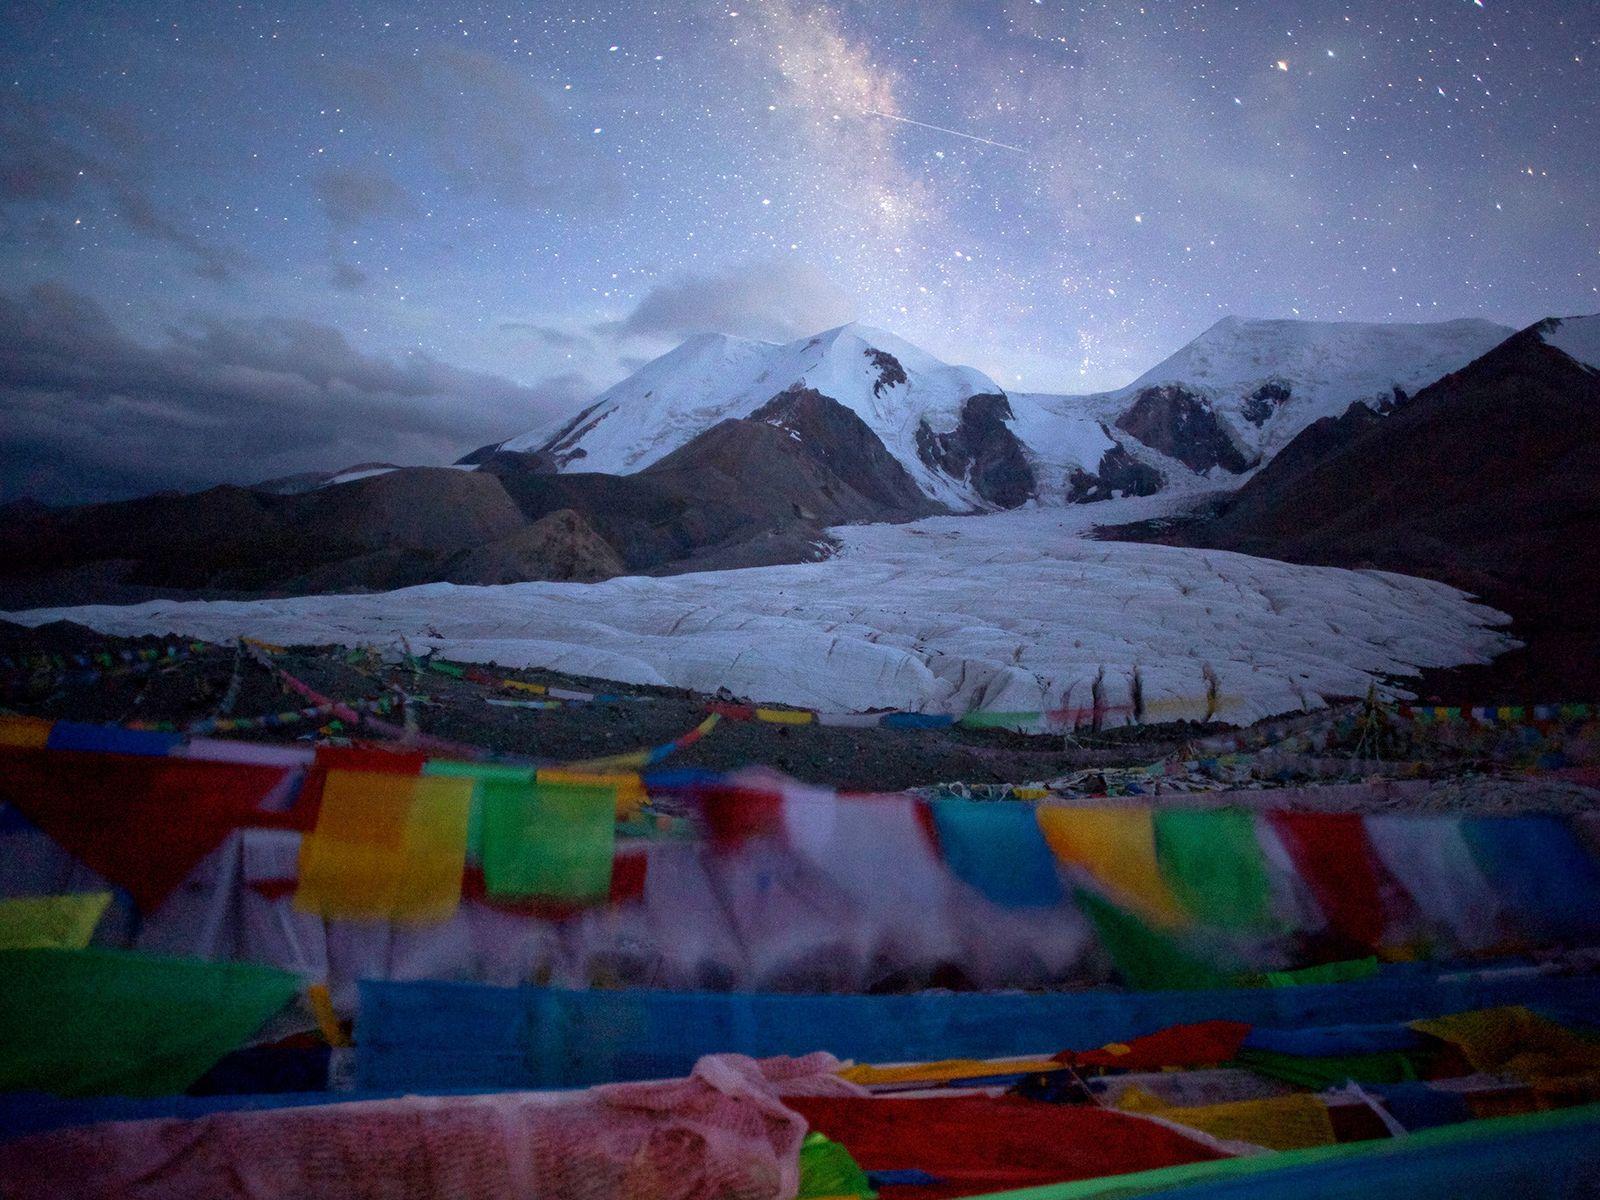 Estrelas brilham sobre uma geleira na Montanha Animaqin, no condado tibetano de Guoluo. O ar rarefeito ...